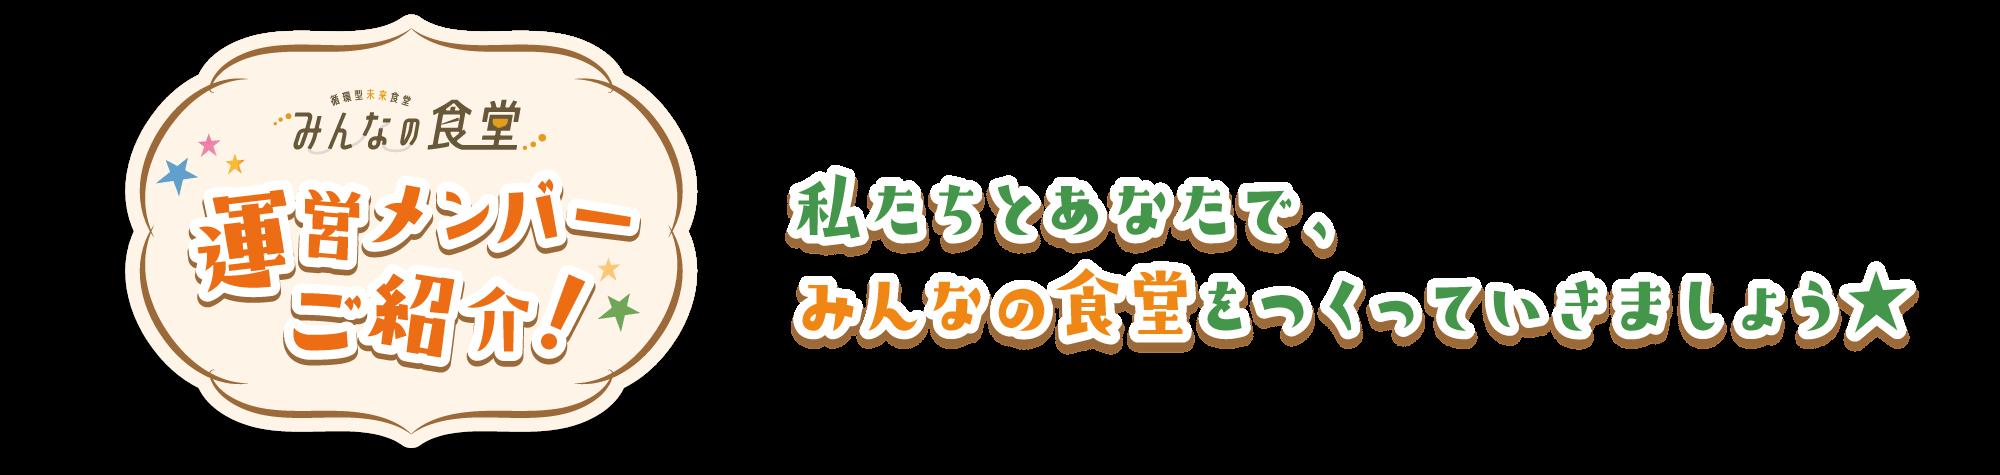 運営メンバー紹介